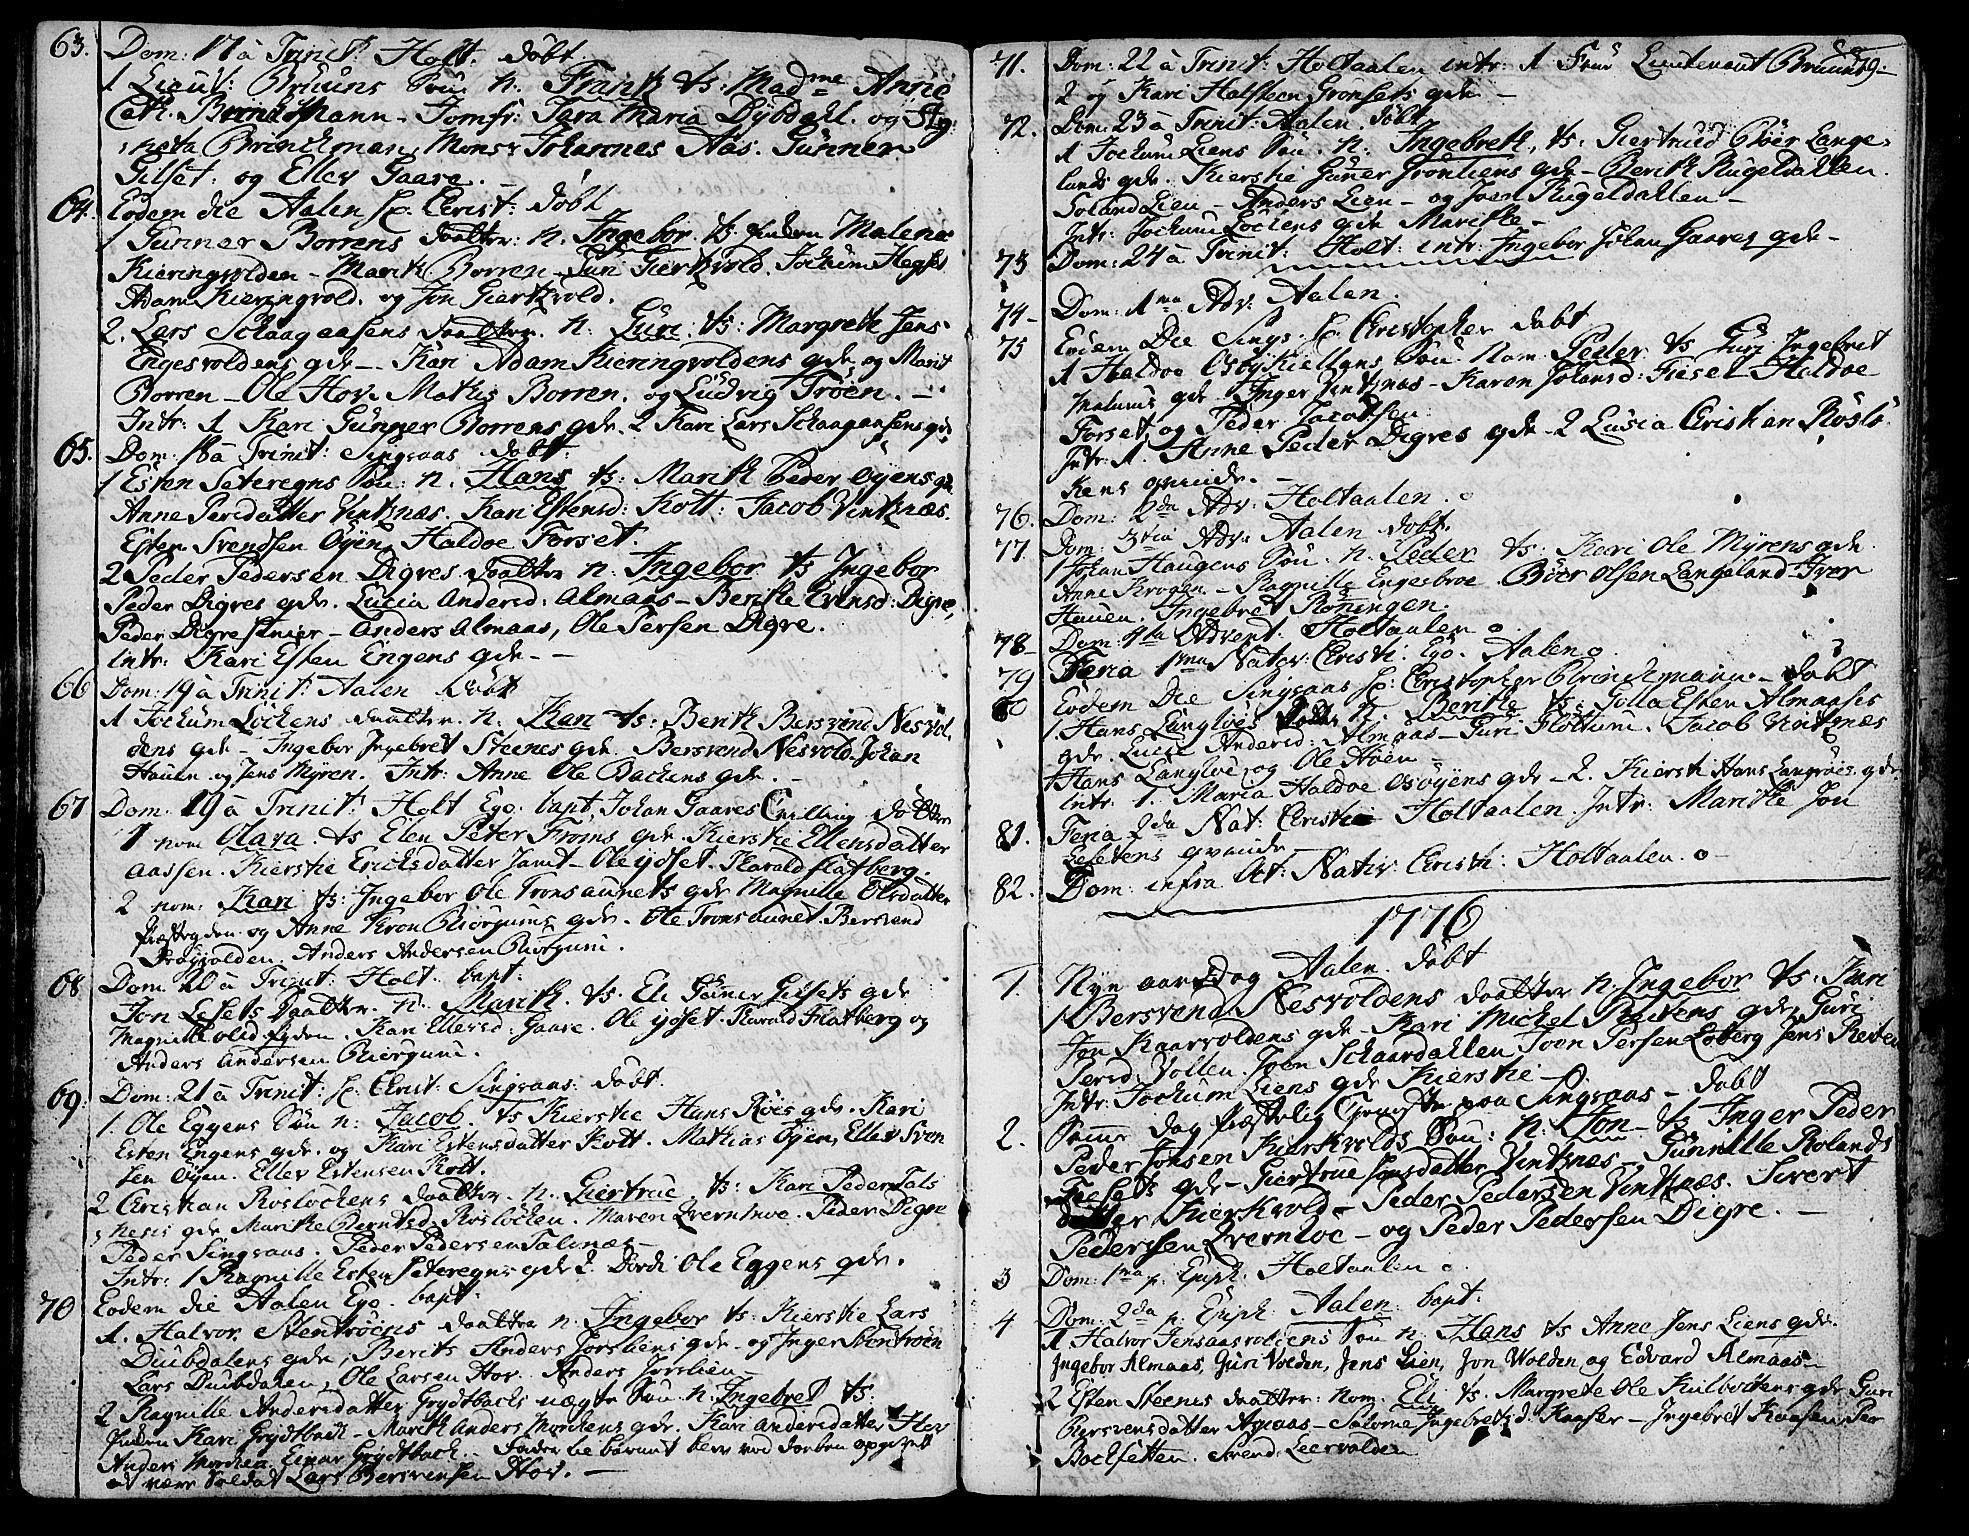 SAT, Ministerialprotokoller, klokkerbøker og fødselsregistre - Sør-Trøndelag, 685/L0952: Ministerialbok nr. 685A01, 1745-1804, s. 79